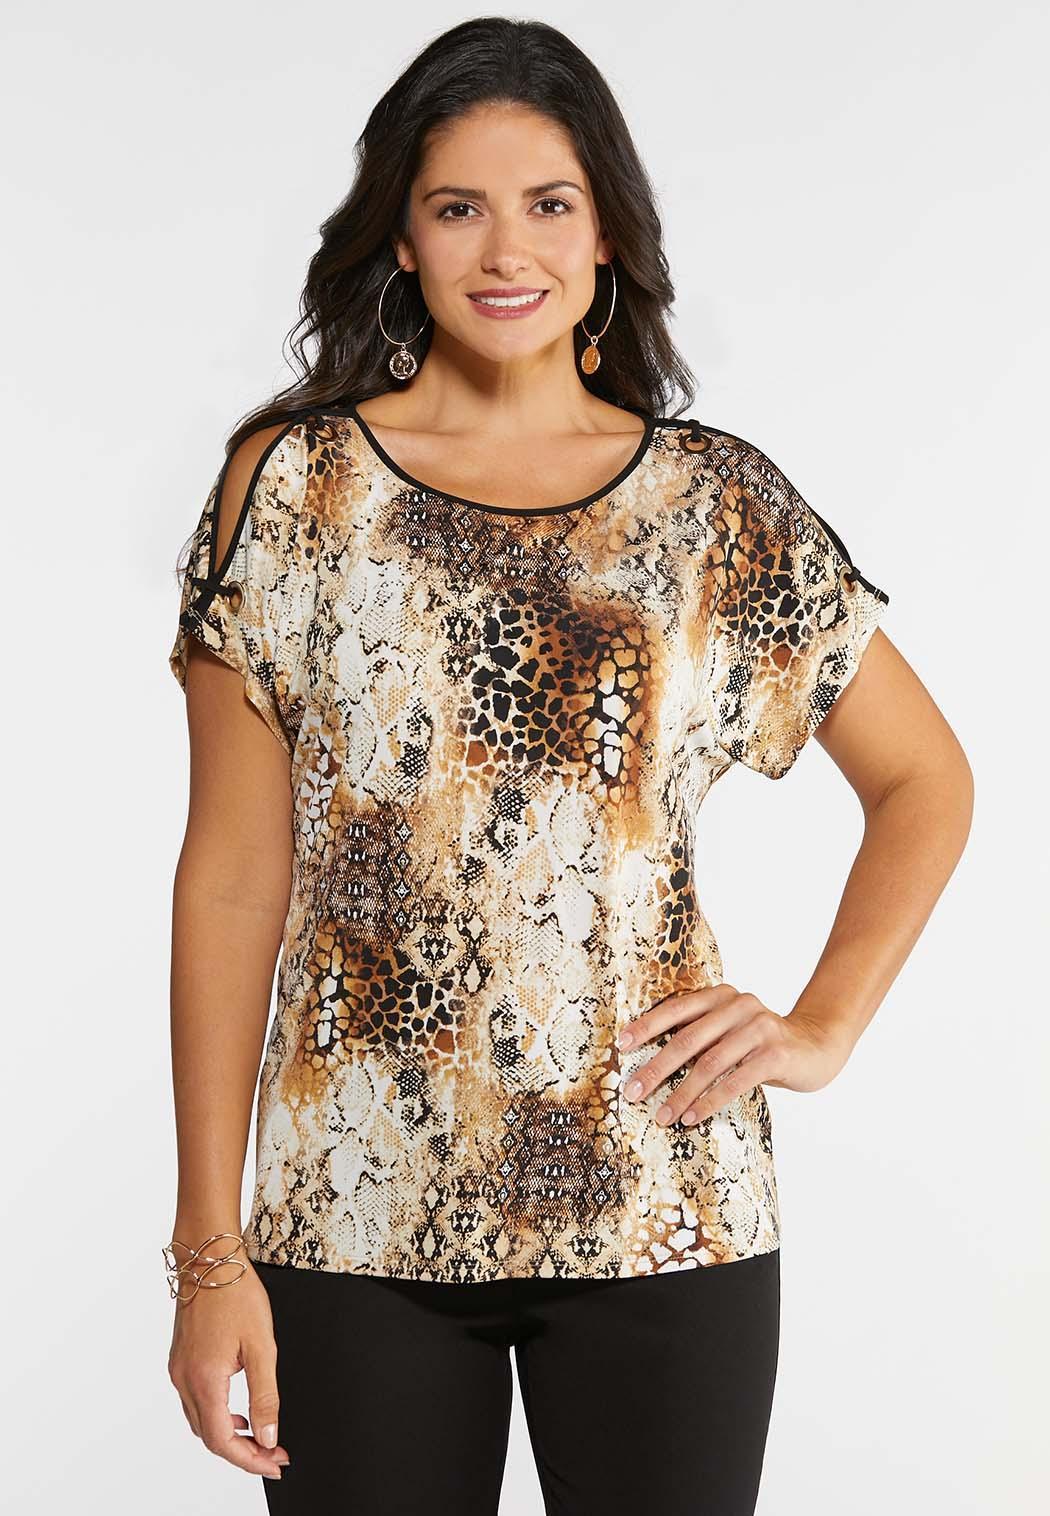 f298b02610 Women's Tunics, Casual Tops & Blouses